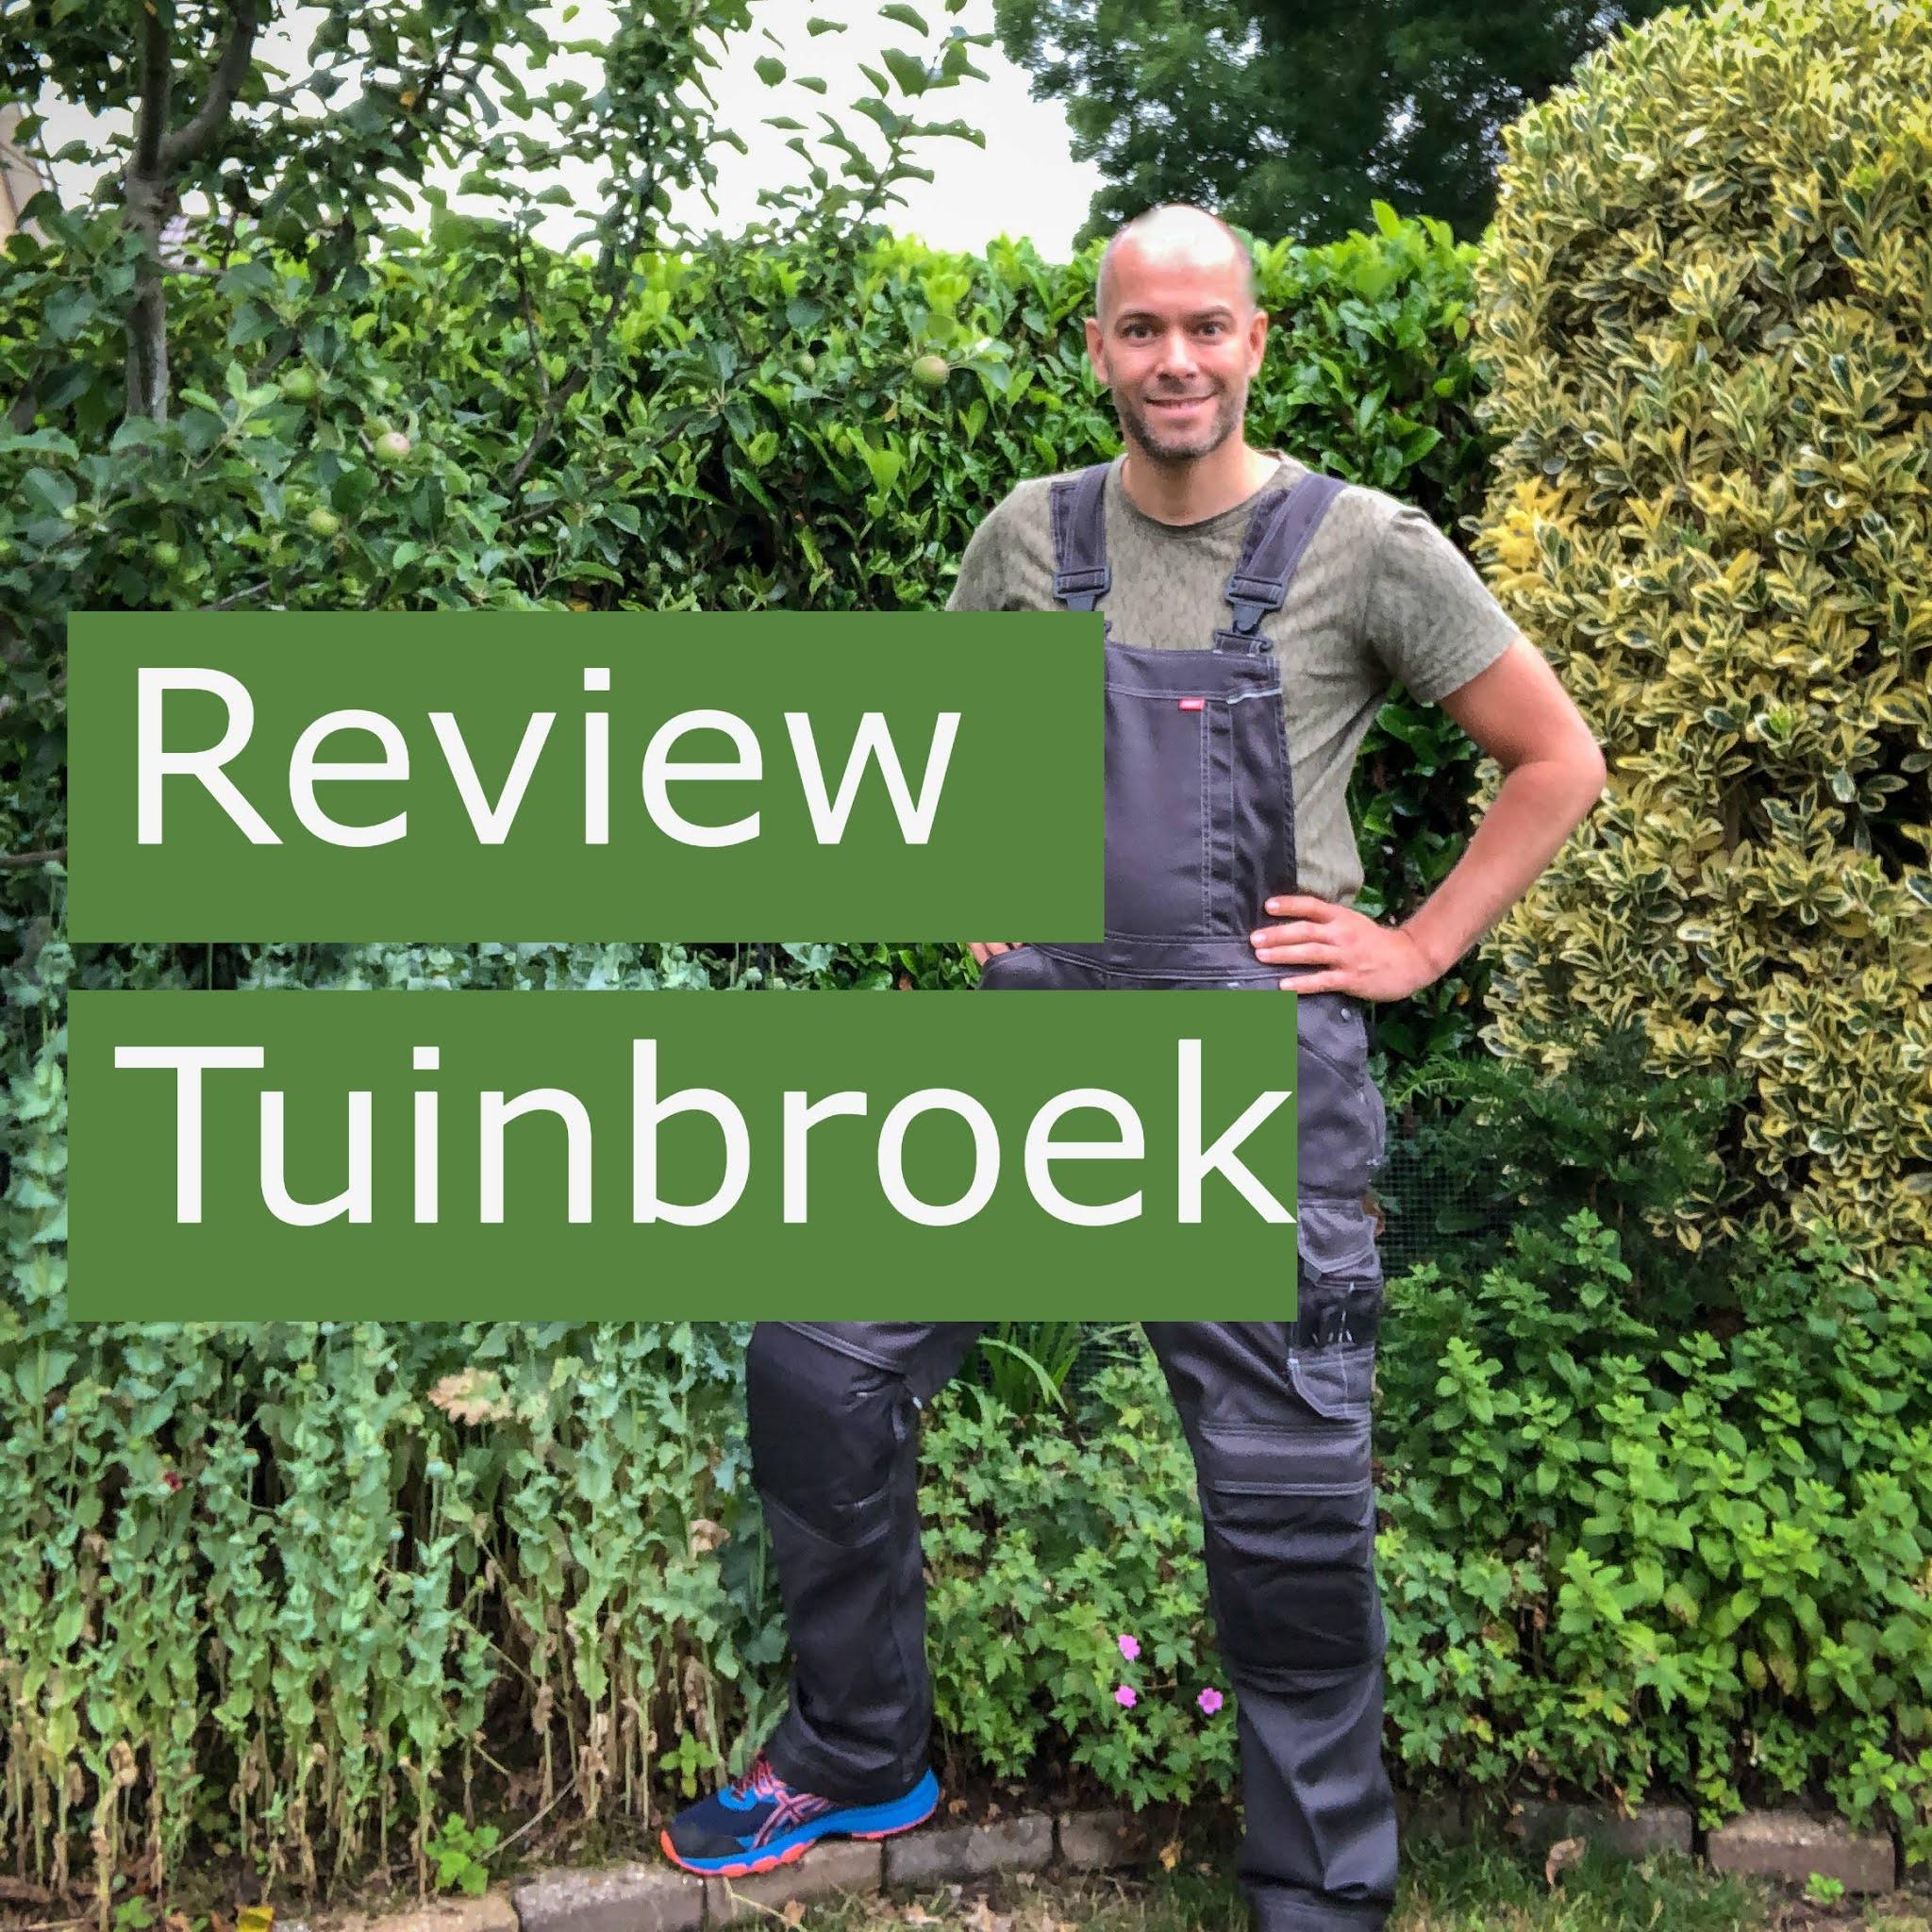 Review tuinbroek Havep moestuin volkstuin